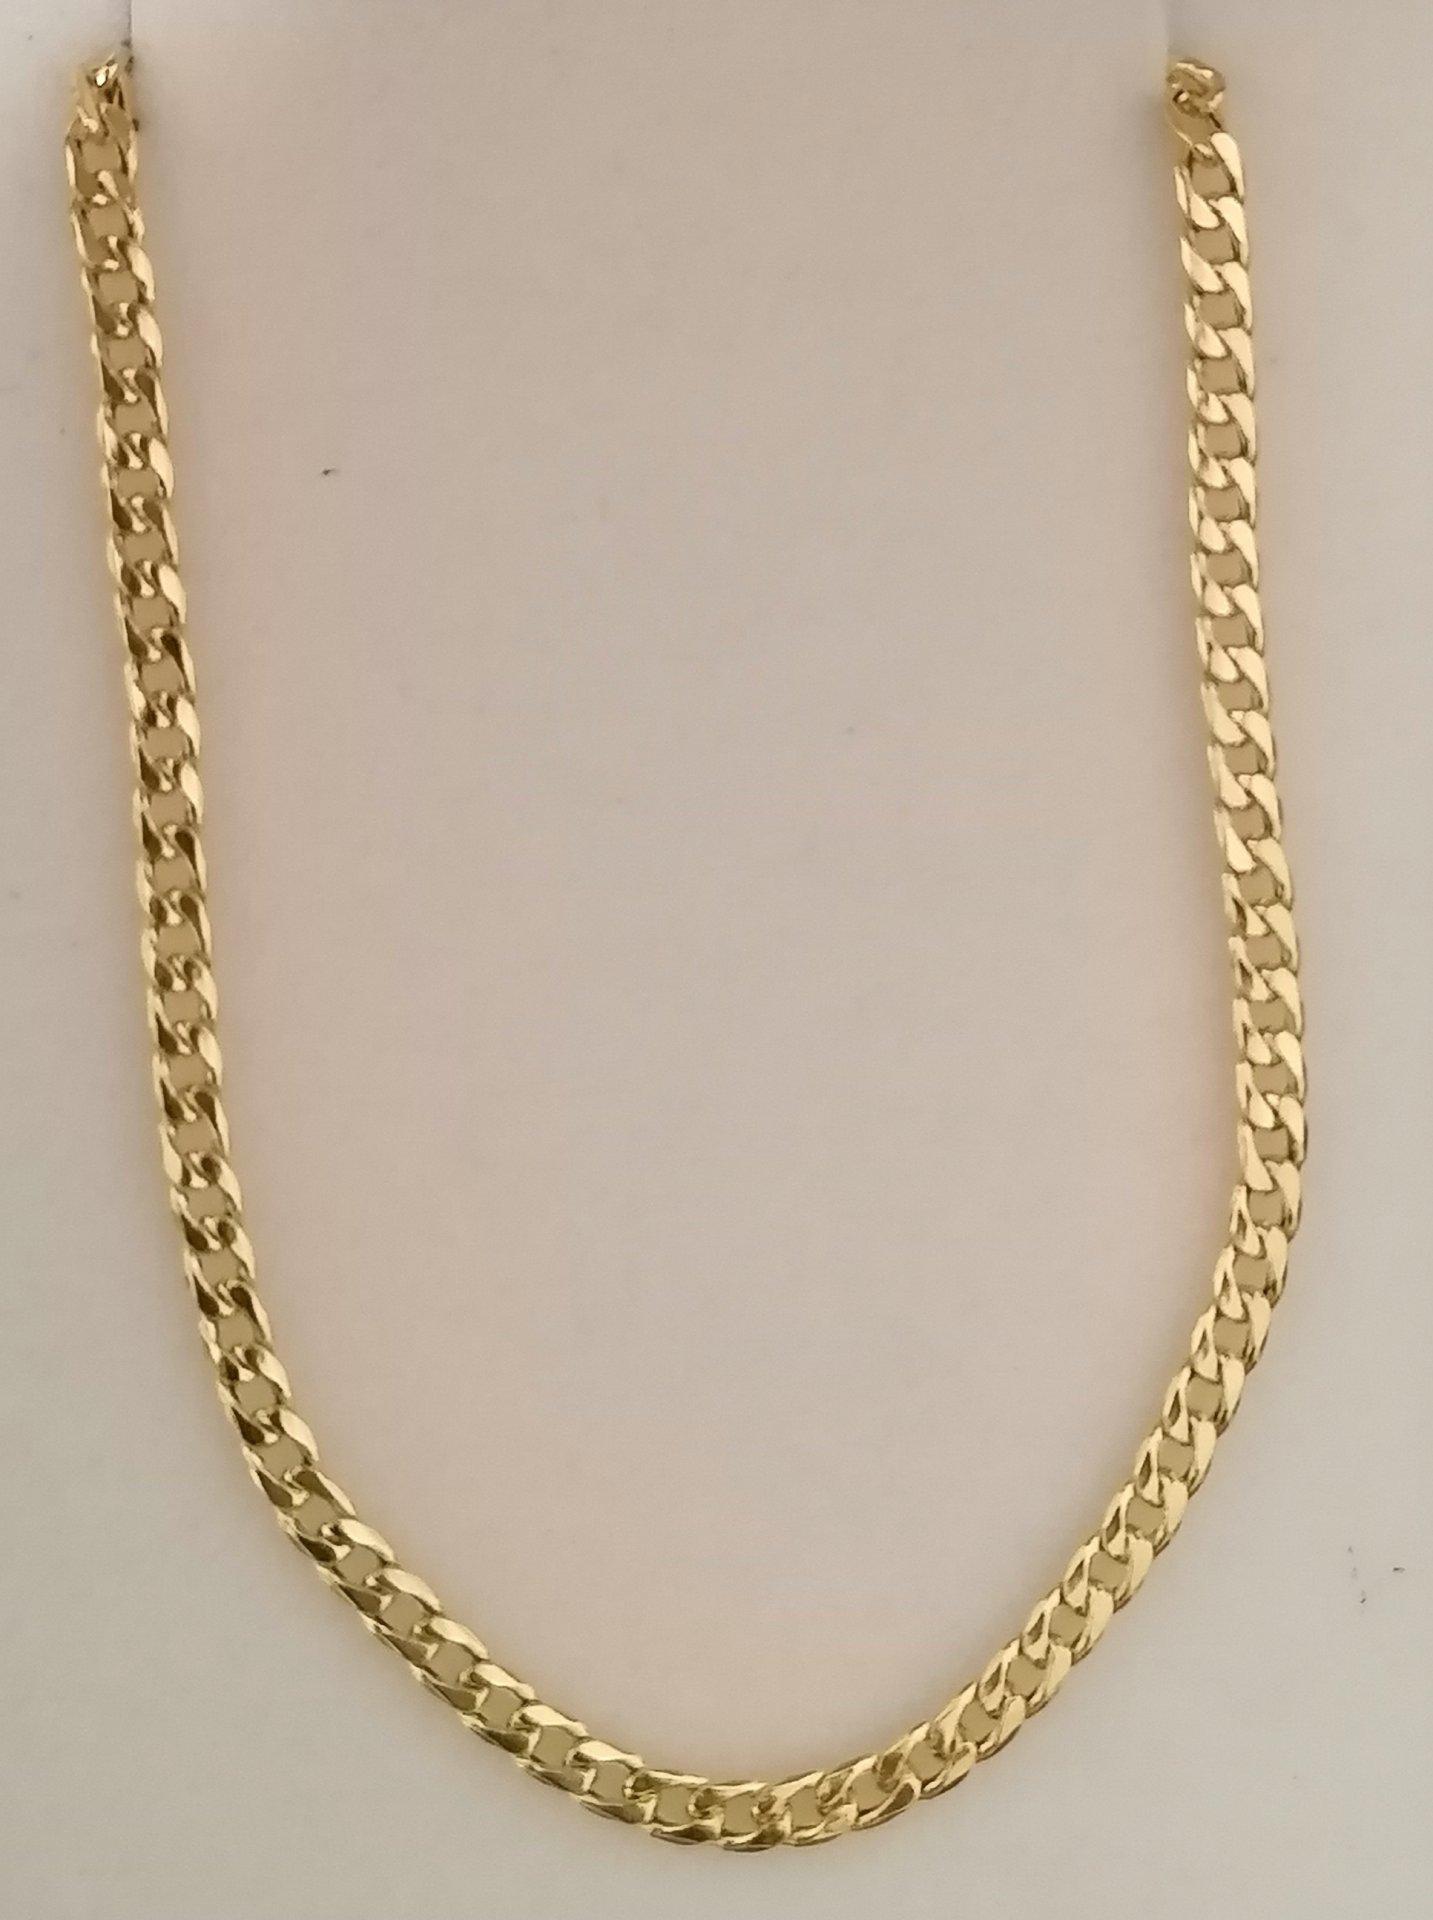 Cadena barbada de oro Unisex en 60 cm